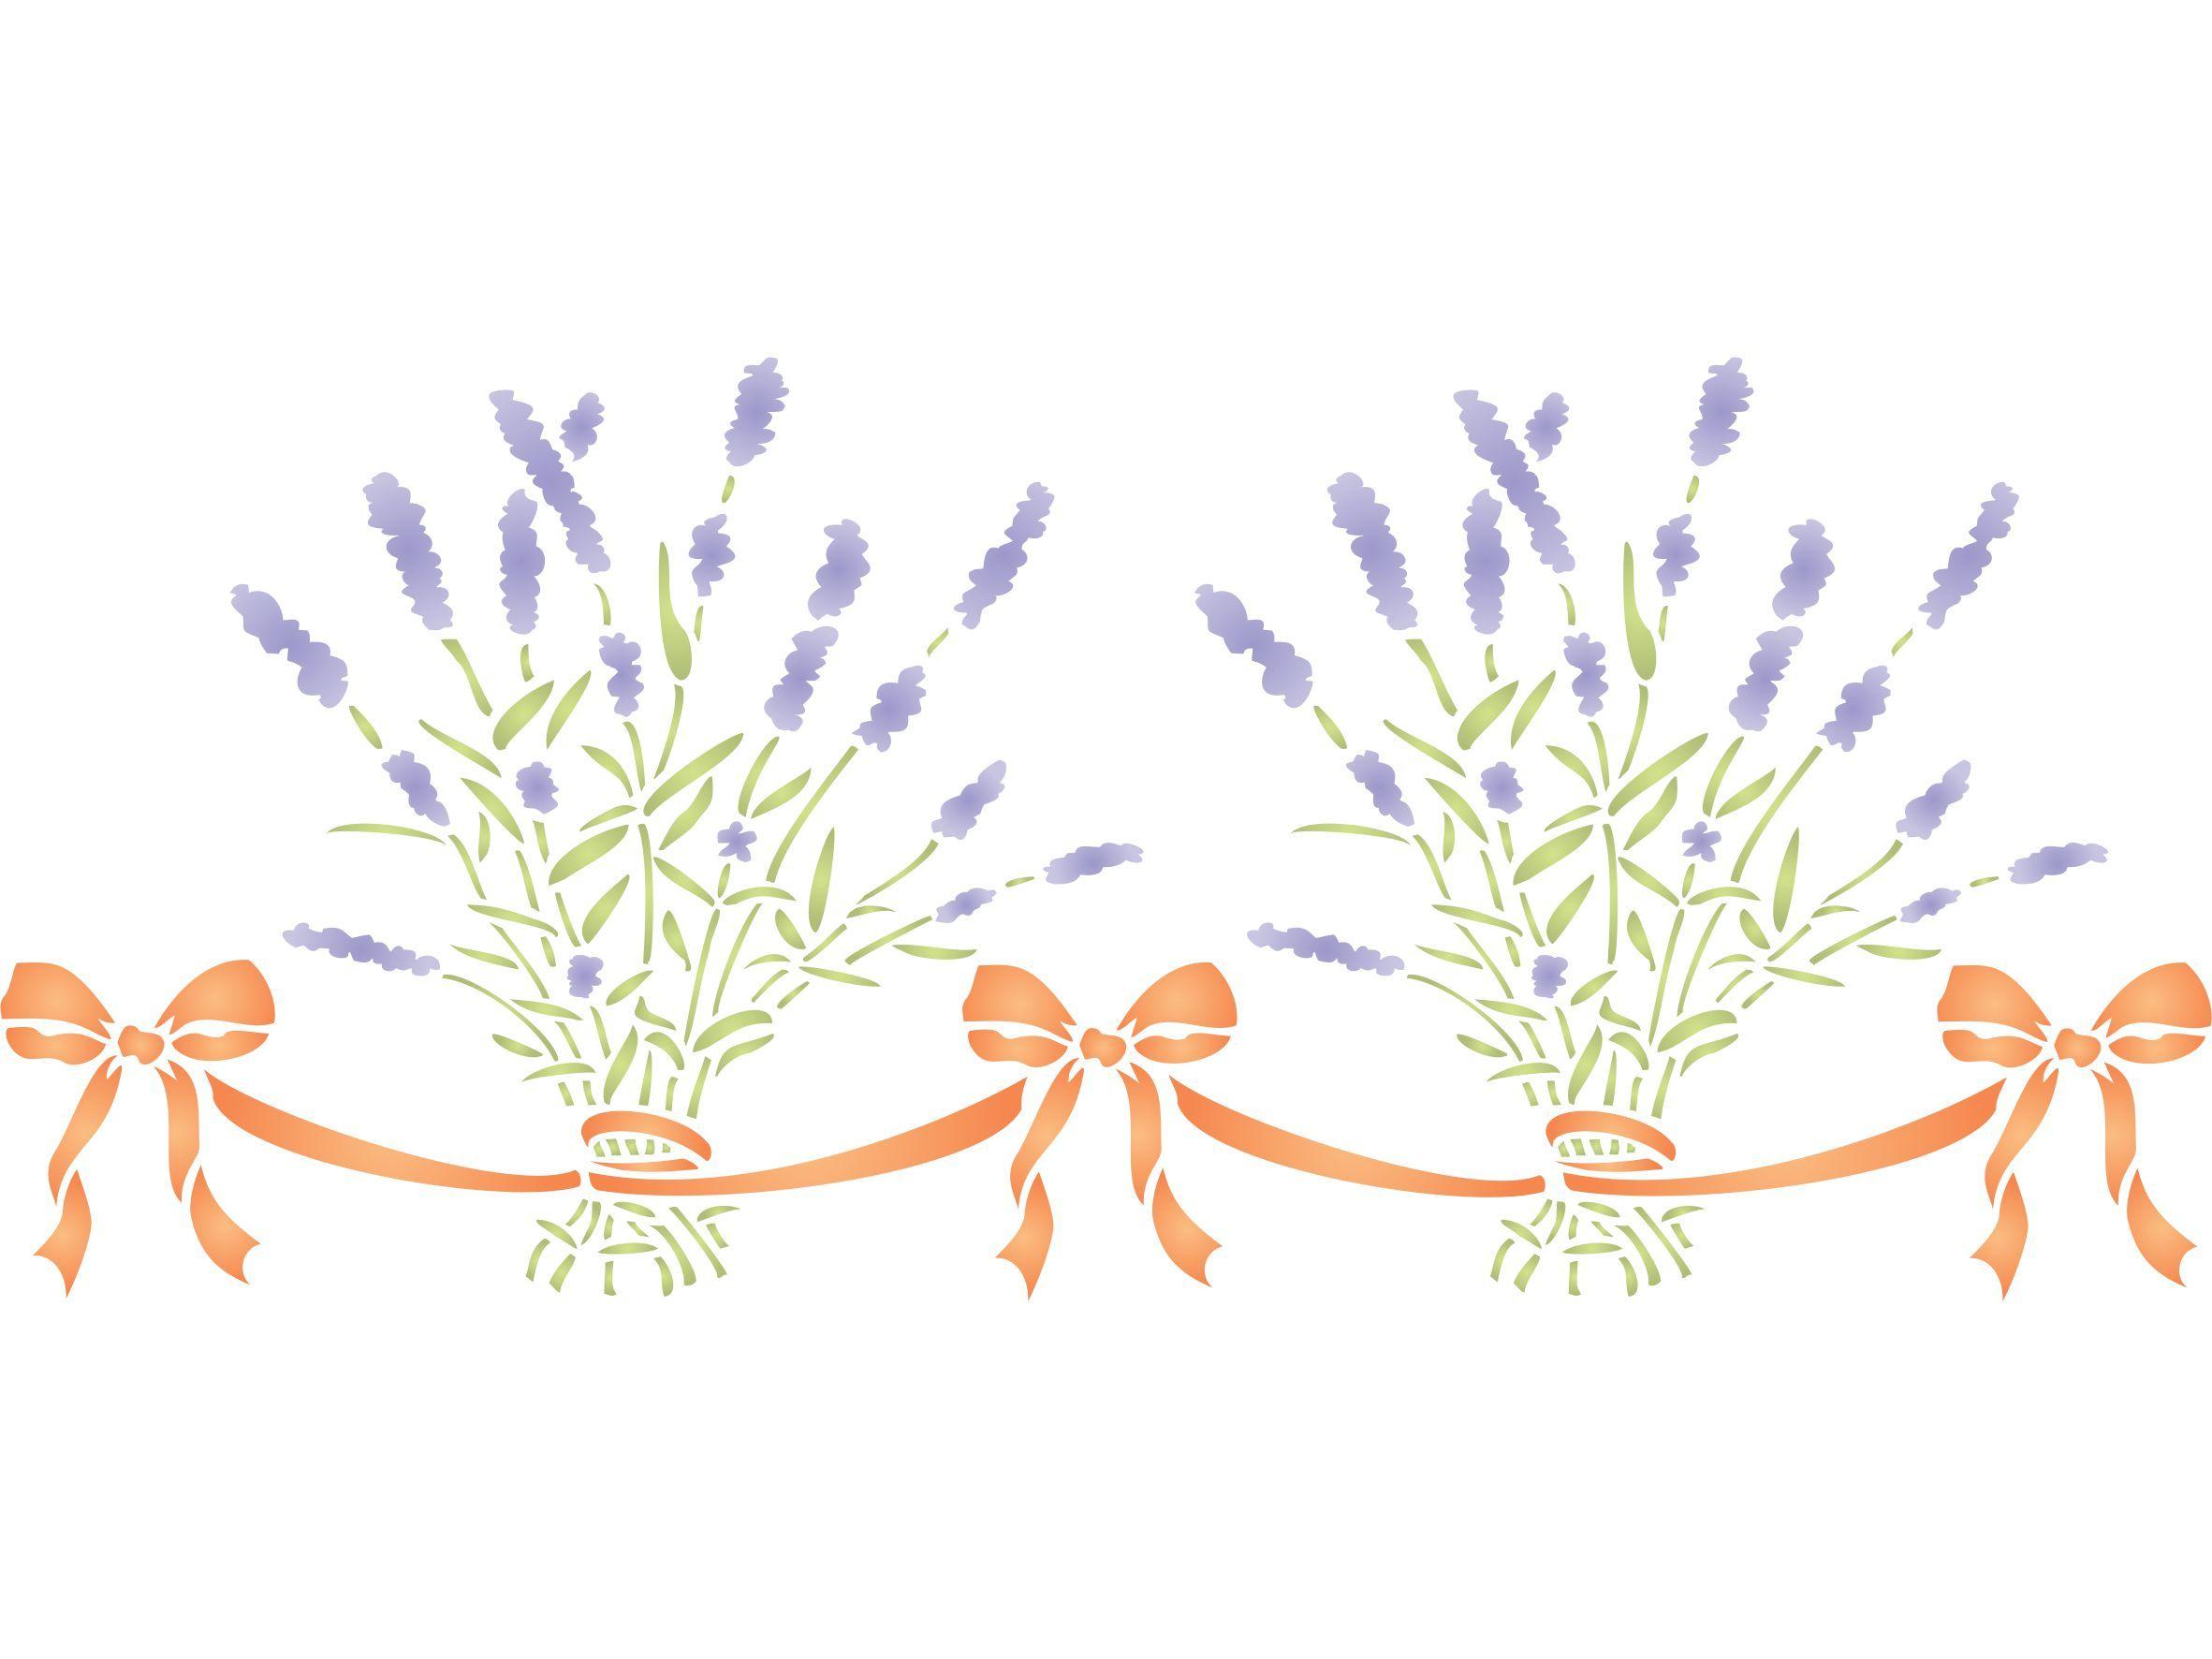 Lavender stencil httpamazondpb01ia1s7pkm lavender stencil httpamazondpb01ia1s7pk amipublicfo Gallery